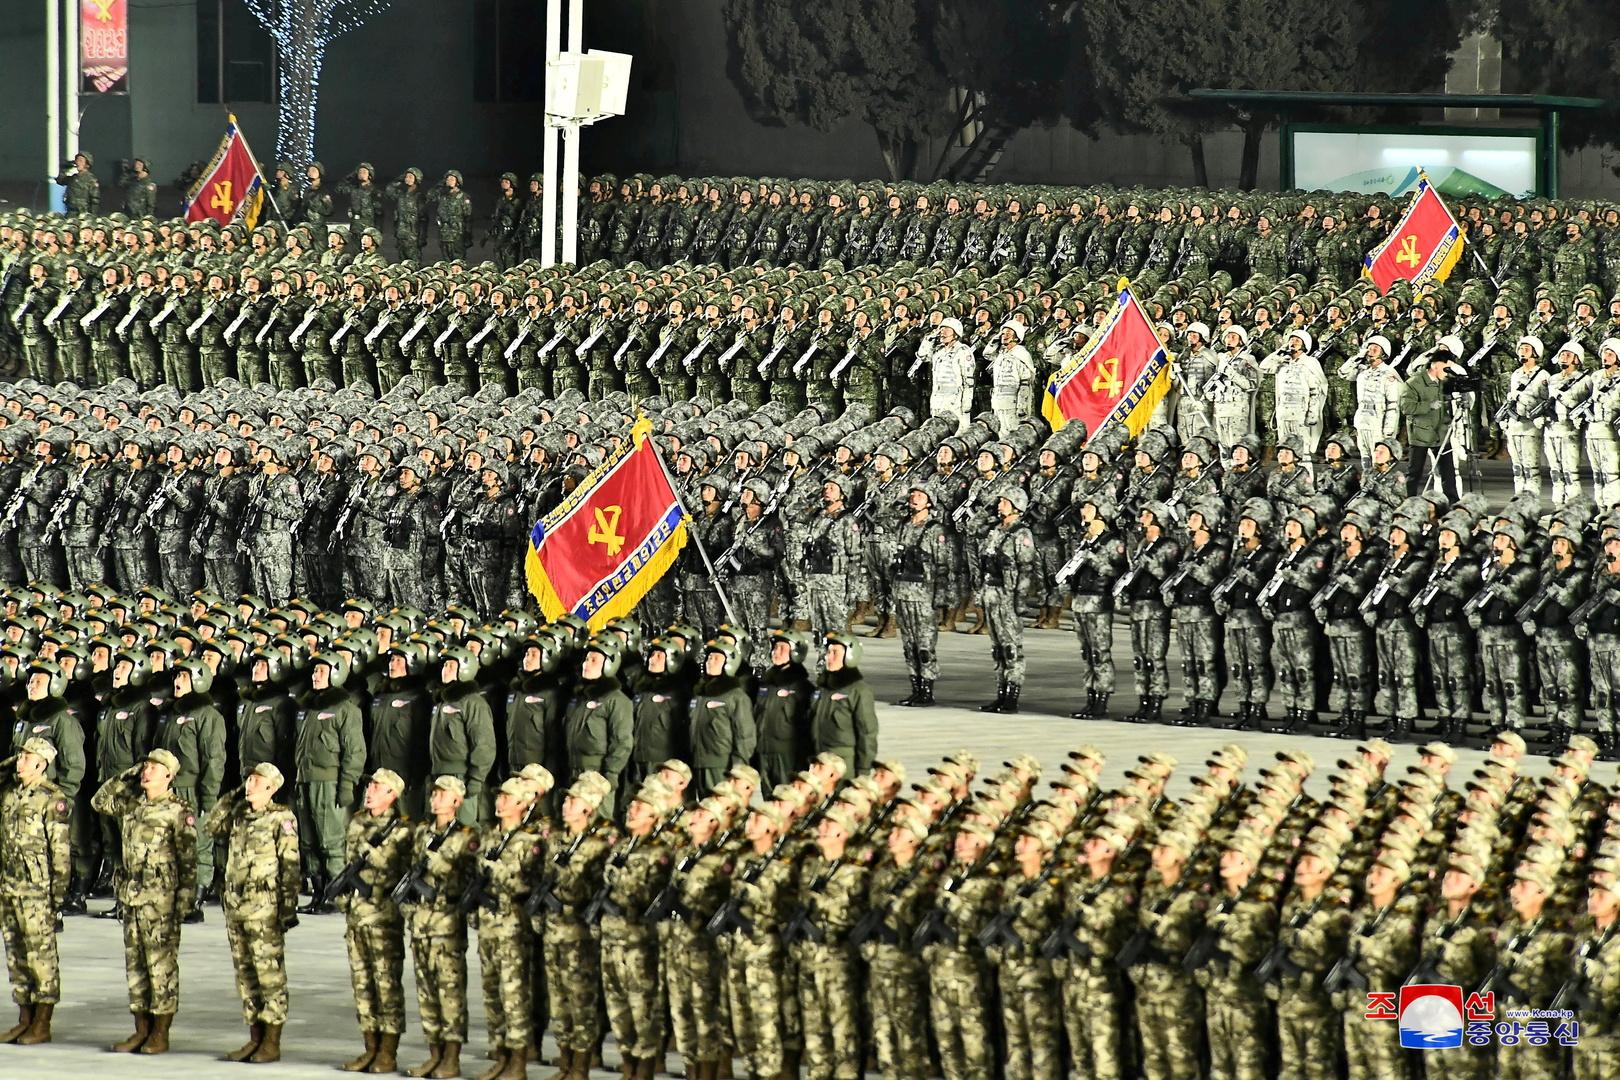 تقرير: كوريا الشمالية الأعلى إنفاقا في المجال العسكري مقابل حجم الناتج المحلي الإجمالي في العالم